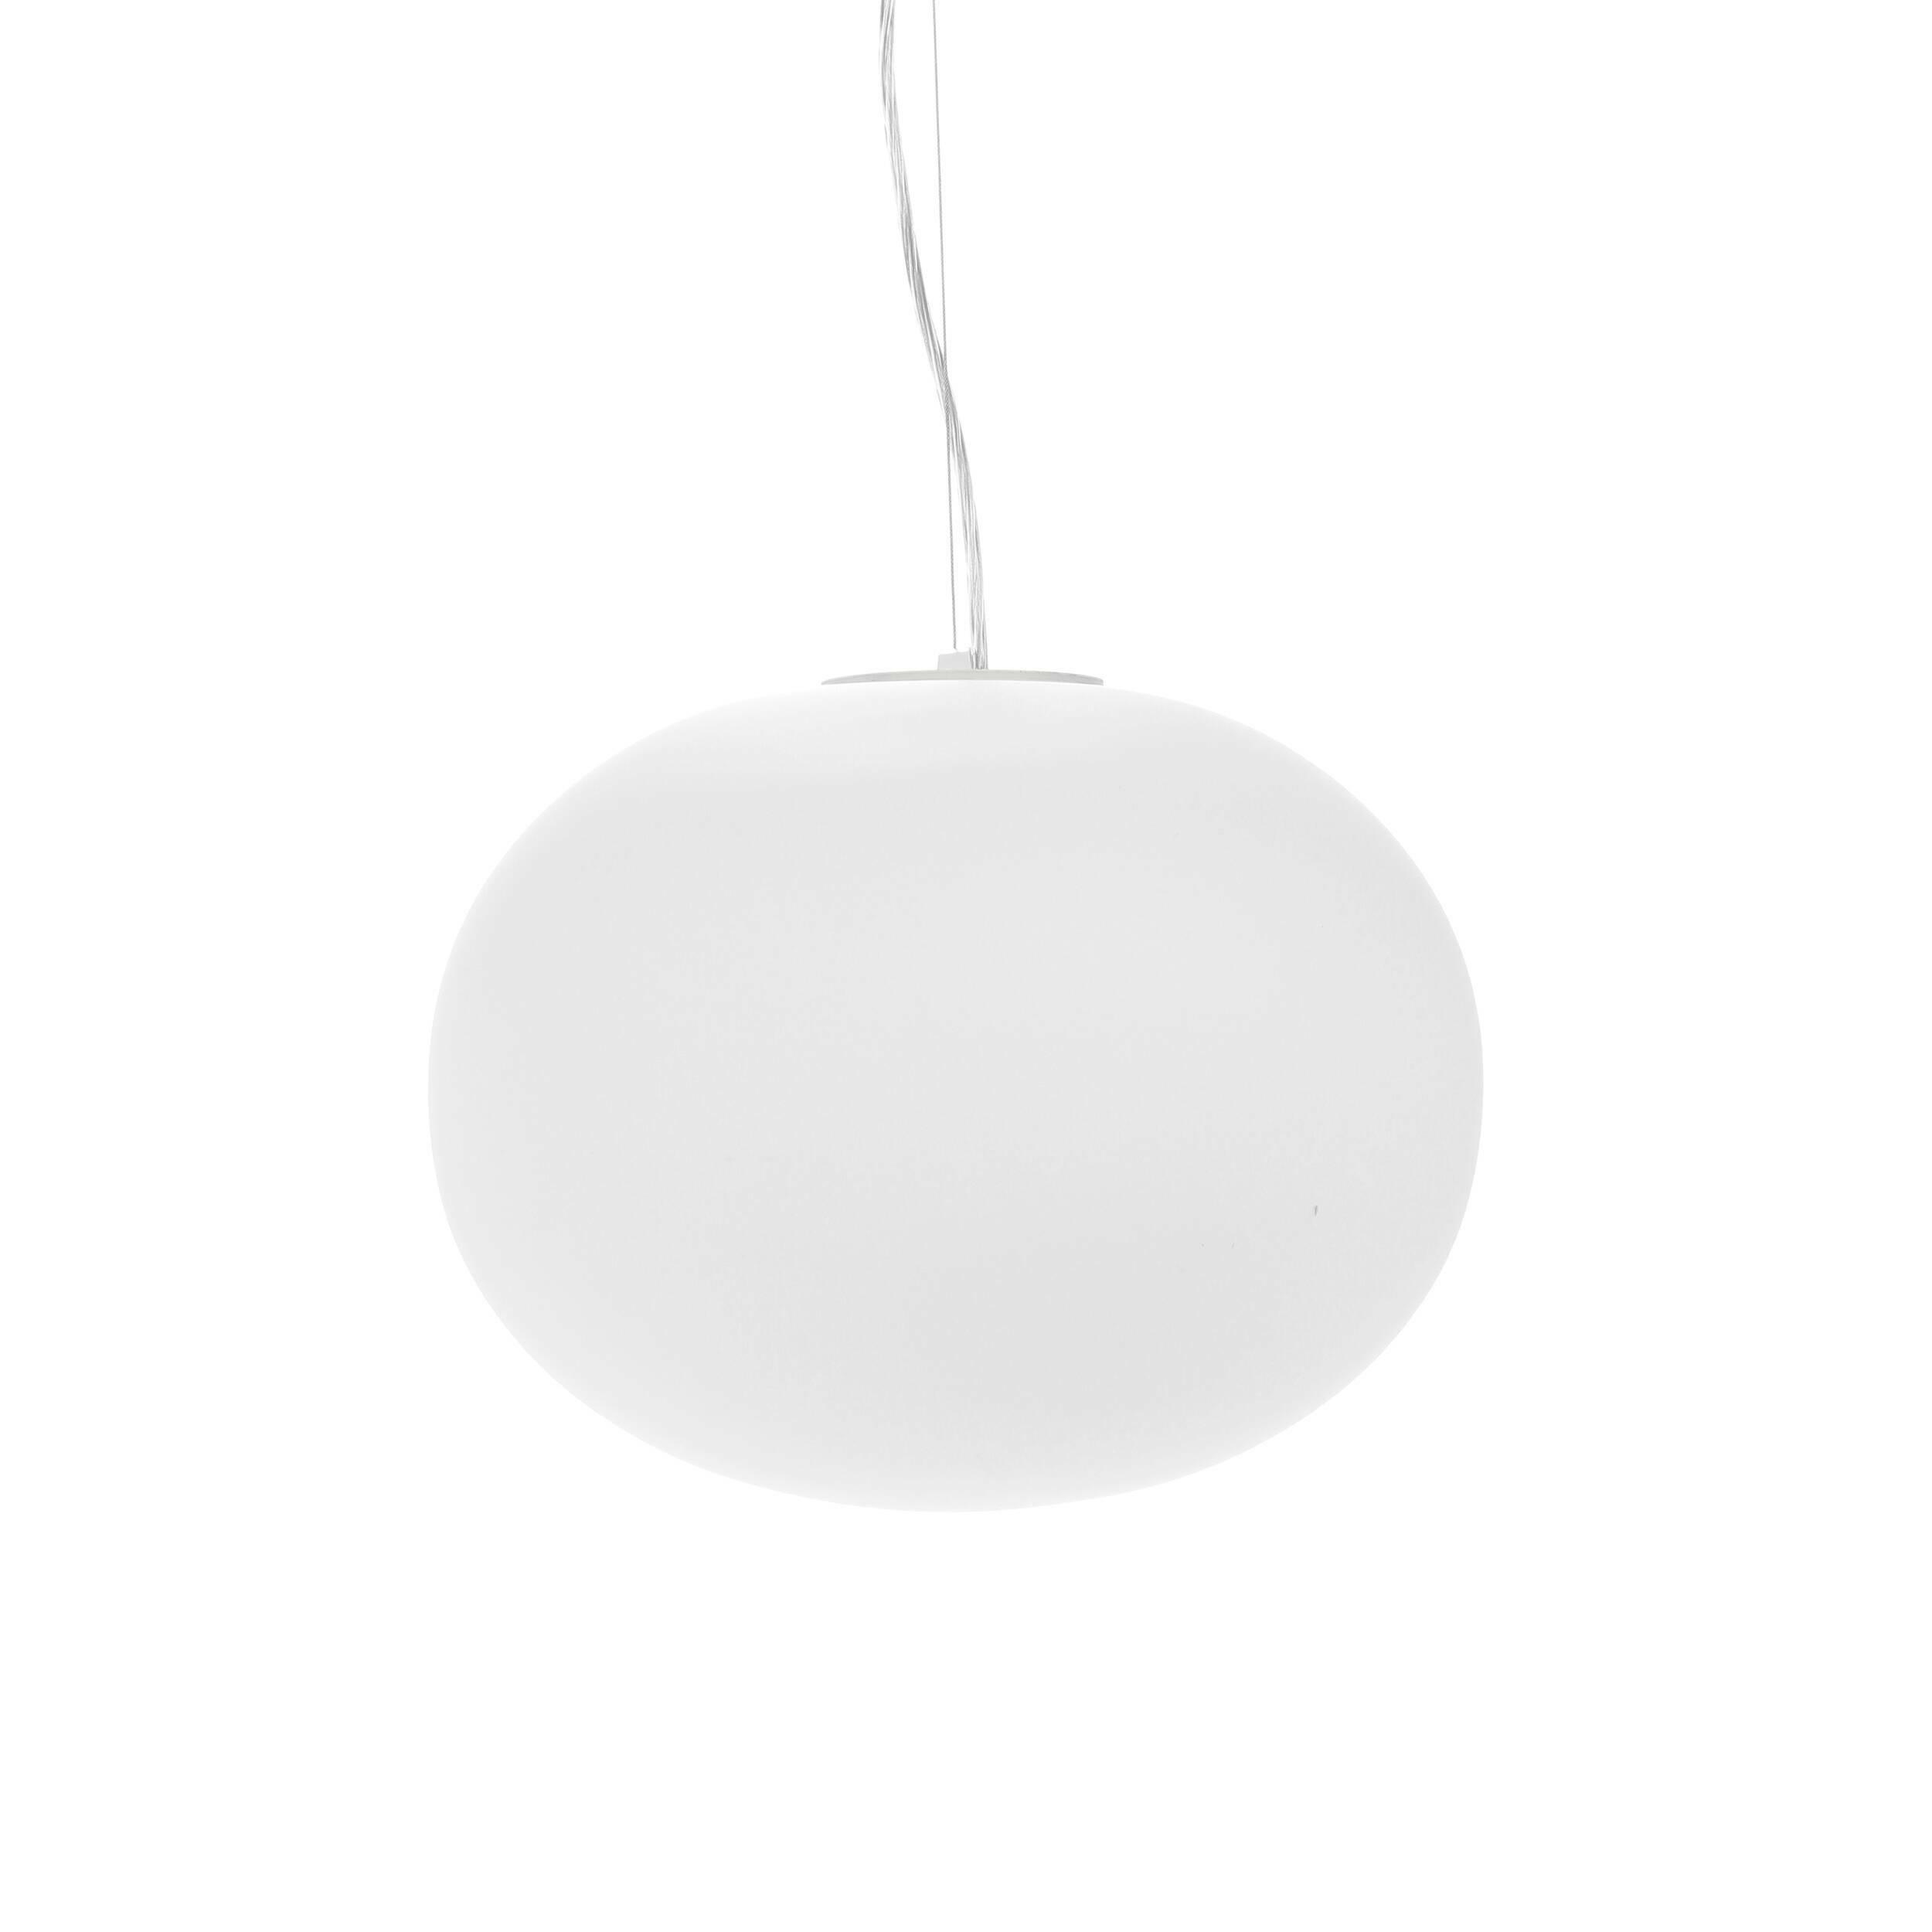 Подвесной светильник Pot of Porridge диаметр 33Подвесные<br>Подвесной светильник Pot of Porridge диаметр 33<br>— это современное, оригинально оформленное творение ведущих западных дизайнеров, которые постарались дополнить минимализм изделия некоторым необычным оформлением. Название светильника переводится как «горшочек с кашей», и правда можно представить, что круглый плафон — это оригинальный, необычайно красивый горшочек, а провод, обвивающий держатель светильника, — это идущий из горшочка аппетитный аромат или пар.<br><br><br><br><br> Плафон светильника P...<br><br>stock: 12<br>Высота: 26<br>Диаметр: 33<br>Количество ламп: 1<br>Материал абажура: Стекло<br>Материал арматуры: Сталь<br>Мощность лампы: 60<br>Ламп в комплекте: Нет<br>Напряжение: 220<br>Тип лампы/цоколь: E27<br>Цвет абажура: Белый<br>Цвет арматуры: Хром